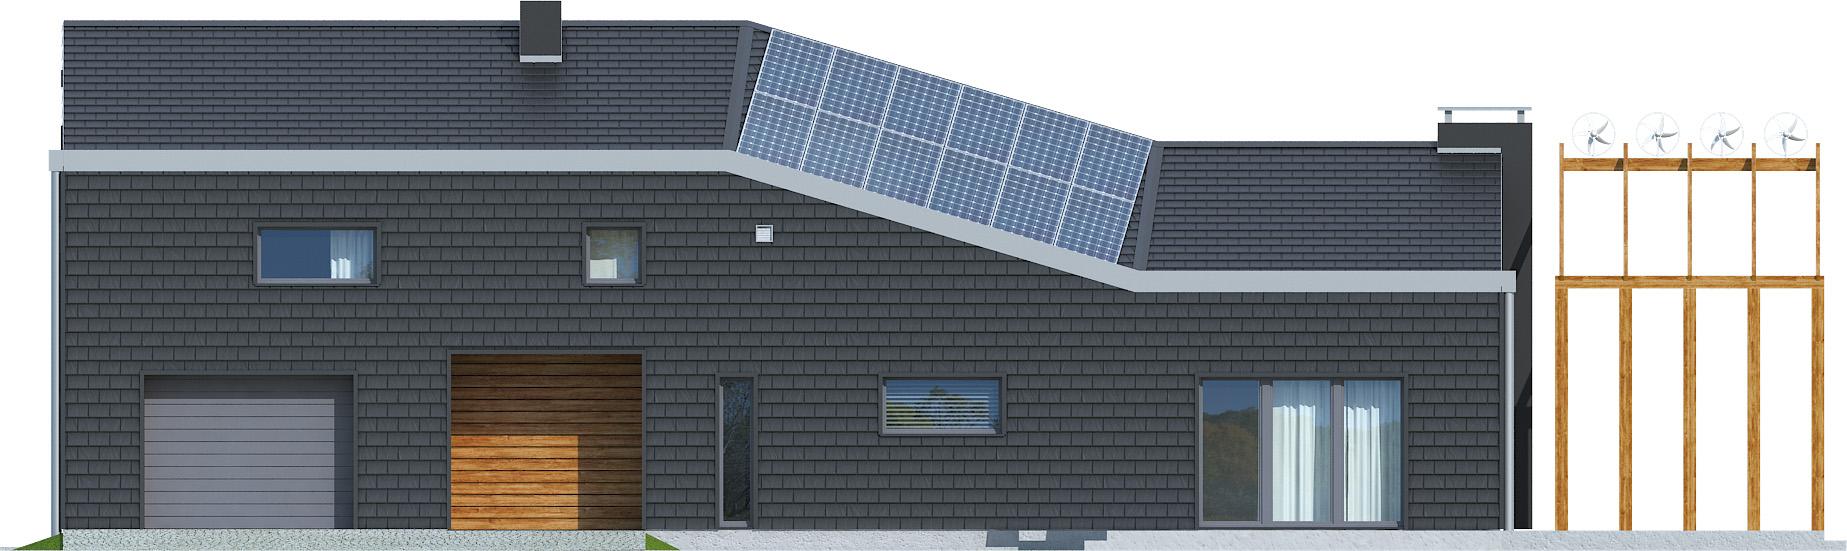 Projekt domu ZYGZAK Domy Czystej Energii elewacja frontowa